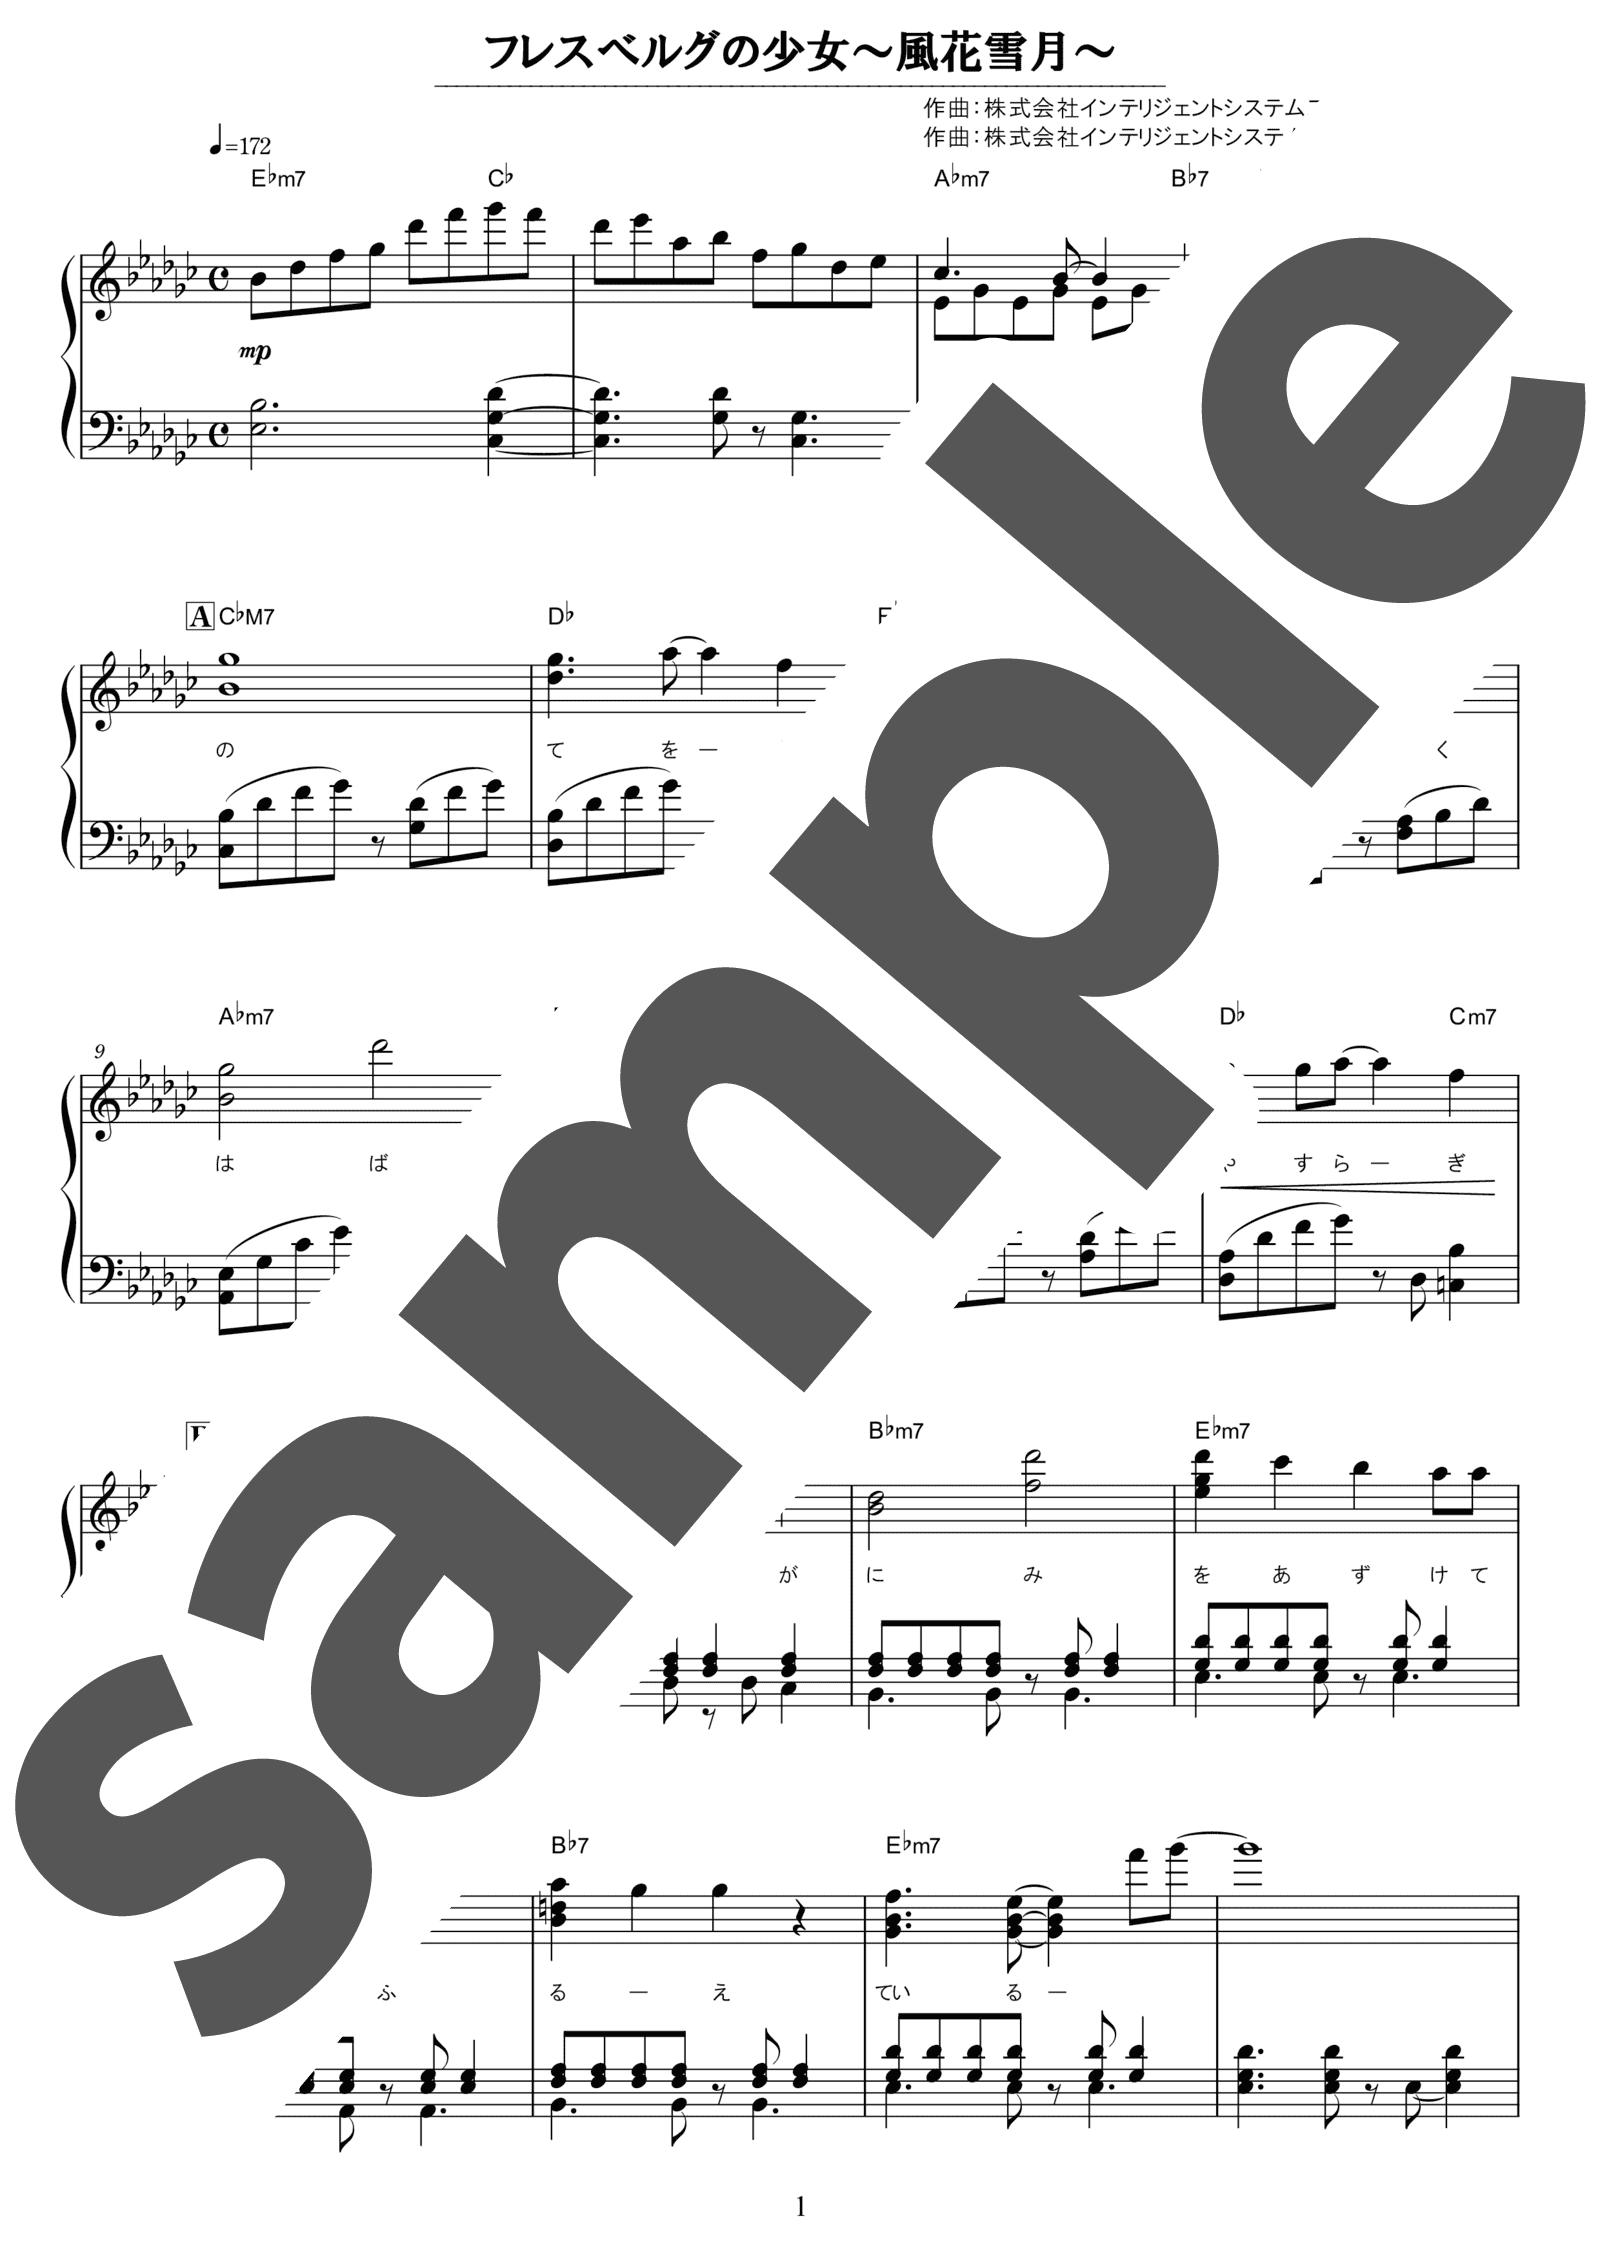 「フレスベルグの少女~風花雪月~」のサンプル楽譜